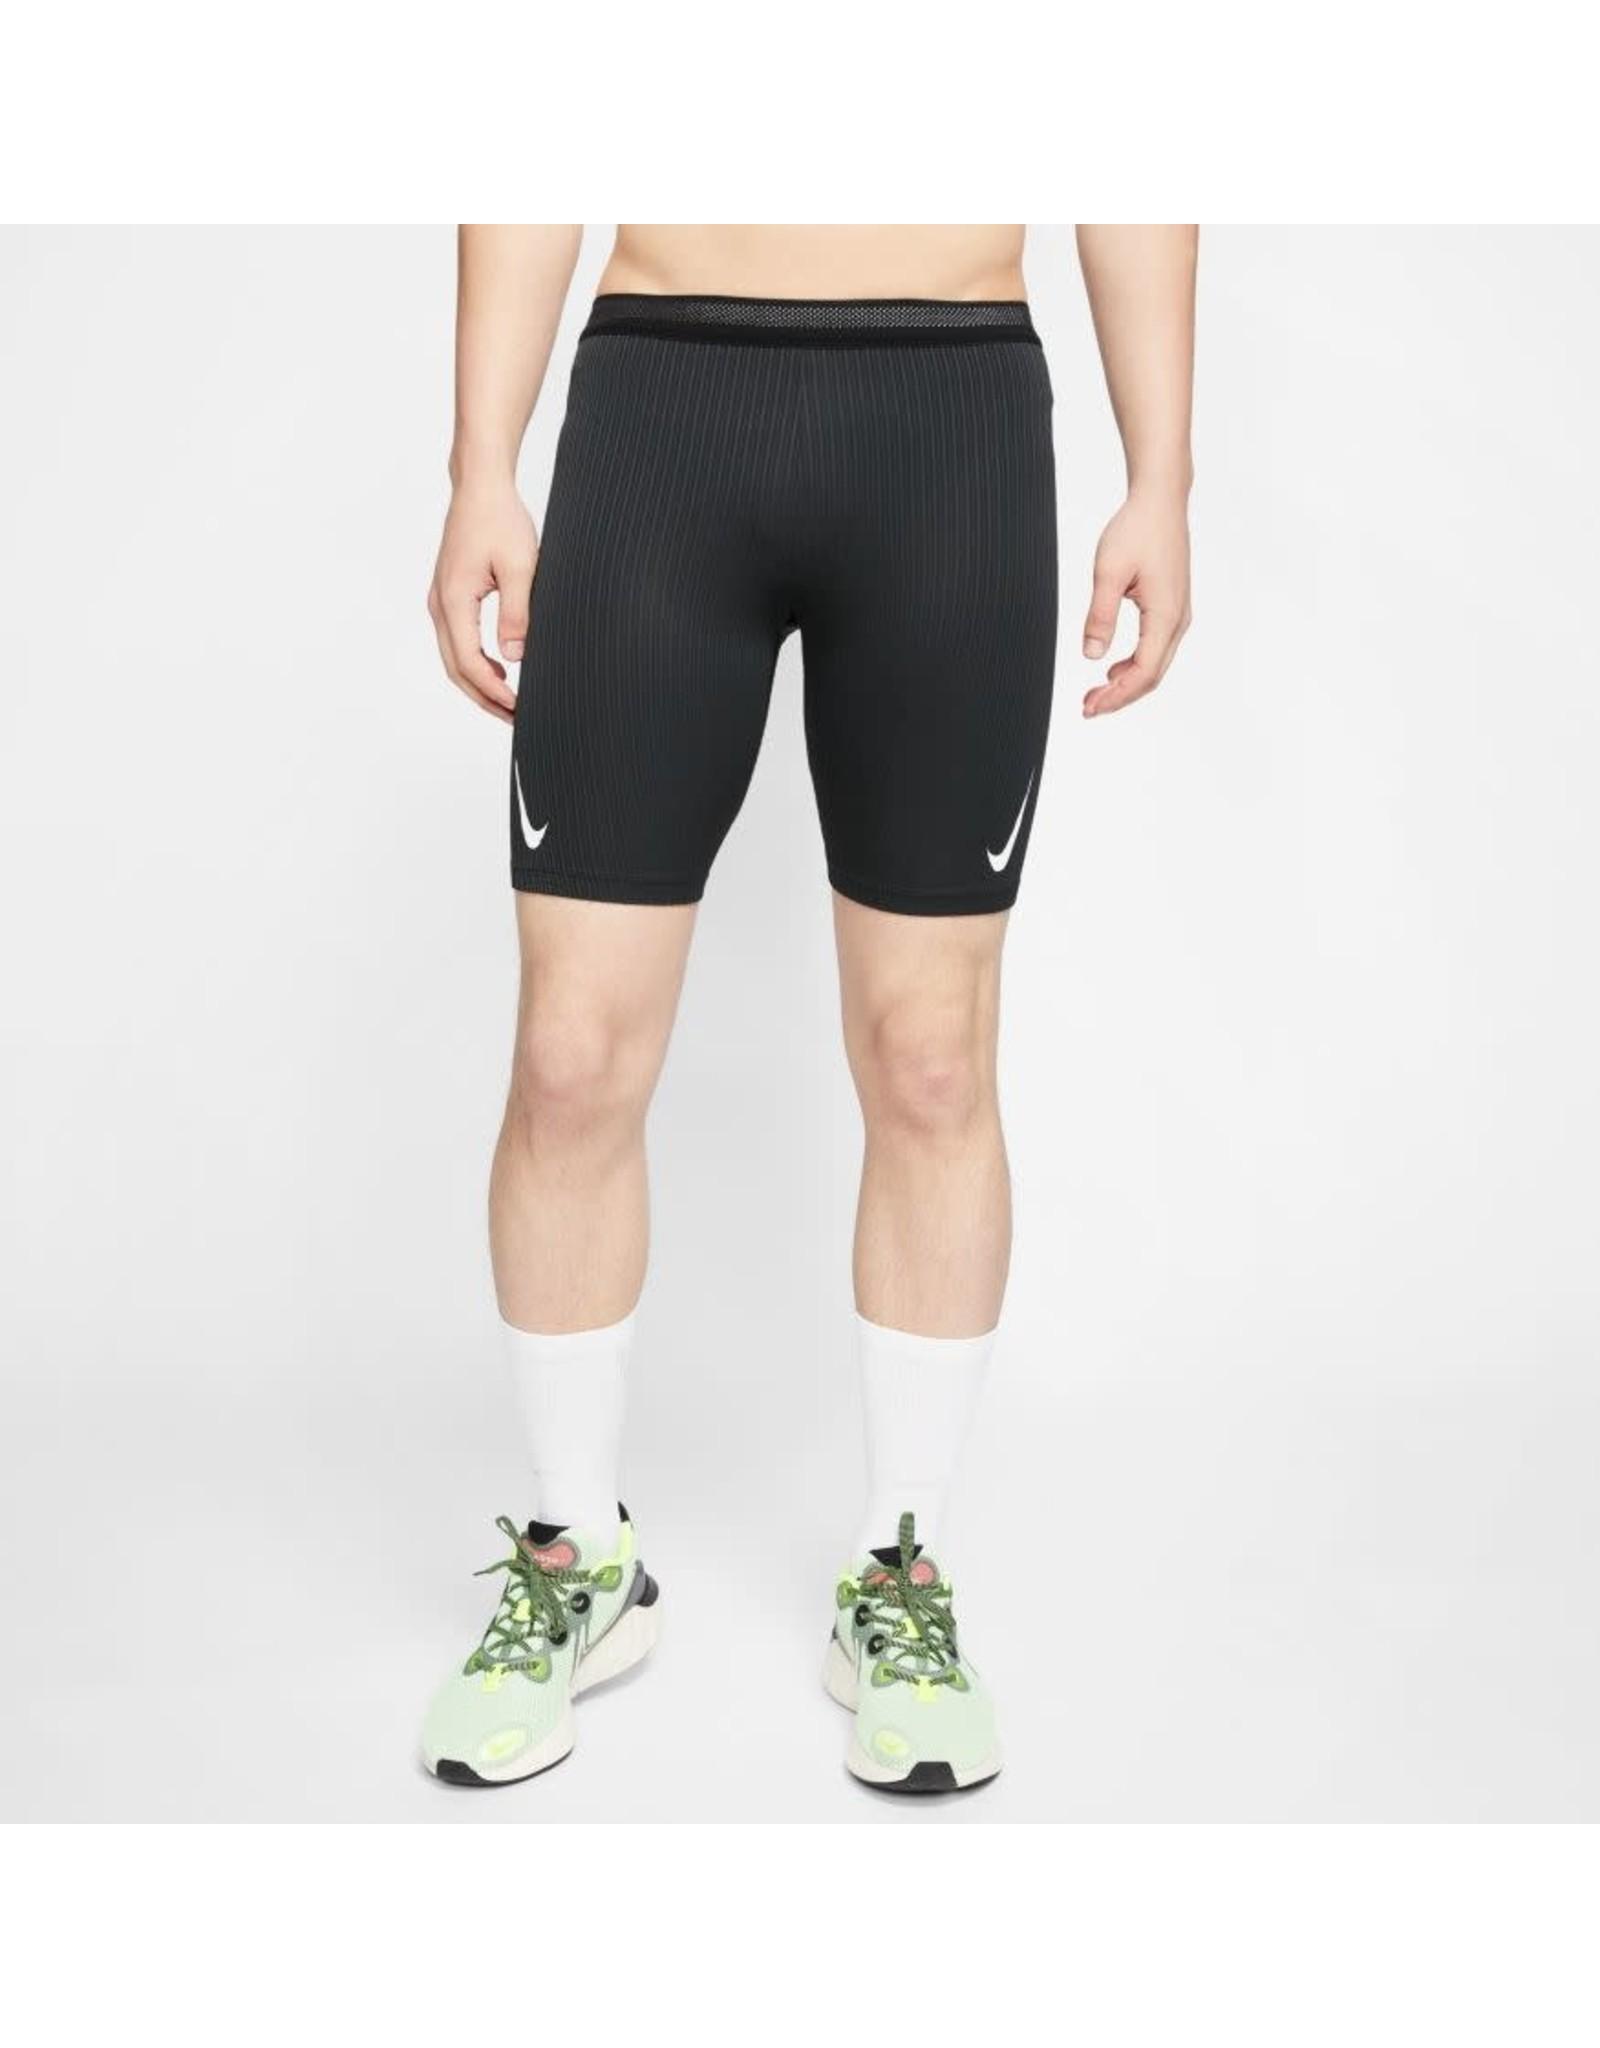 Nike Nike Aeroswift Half Tight